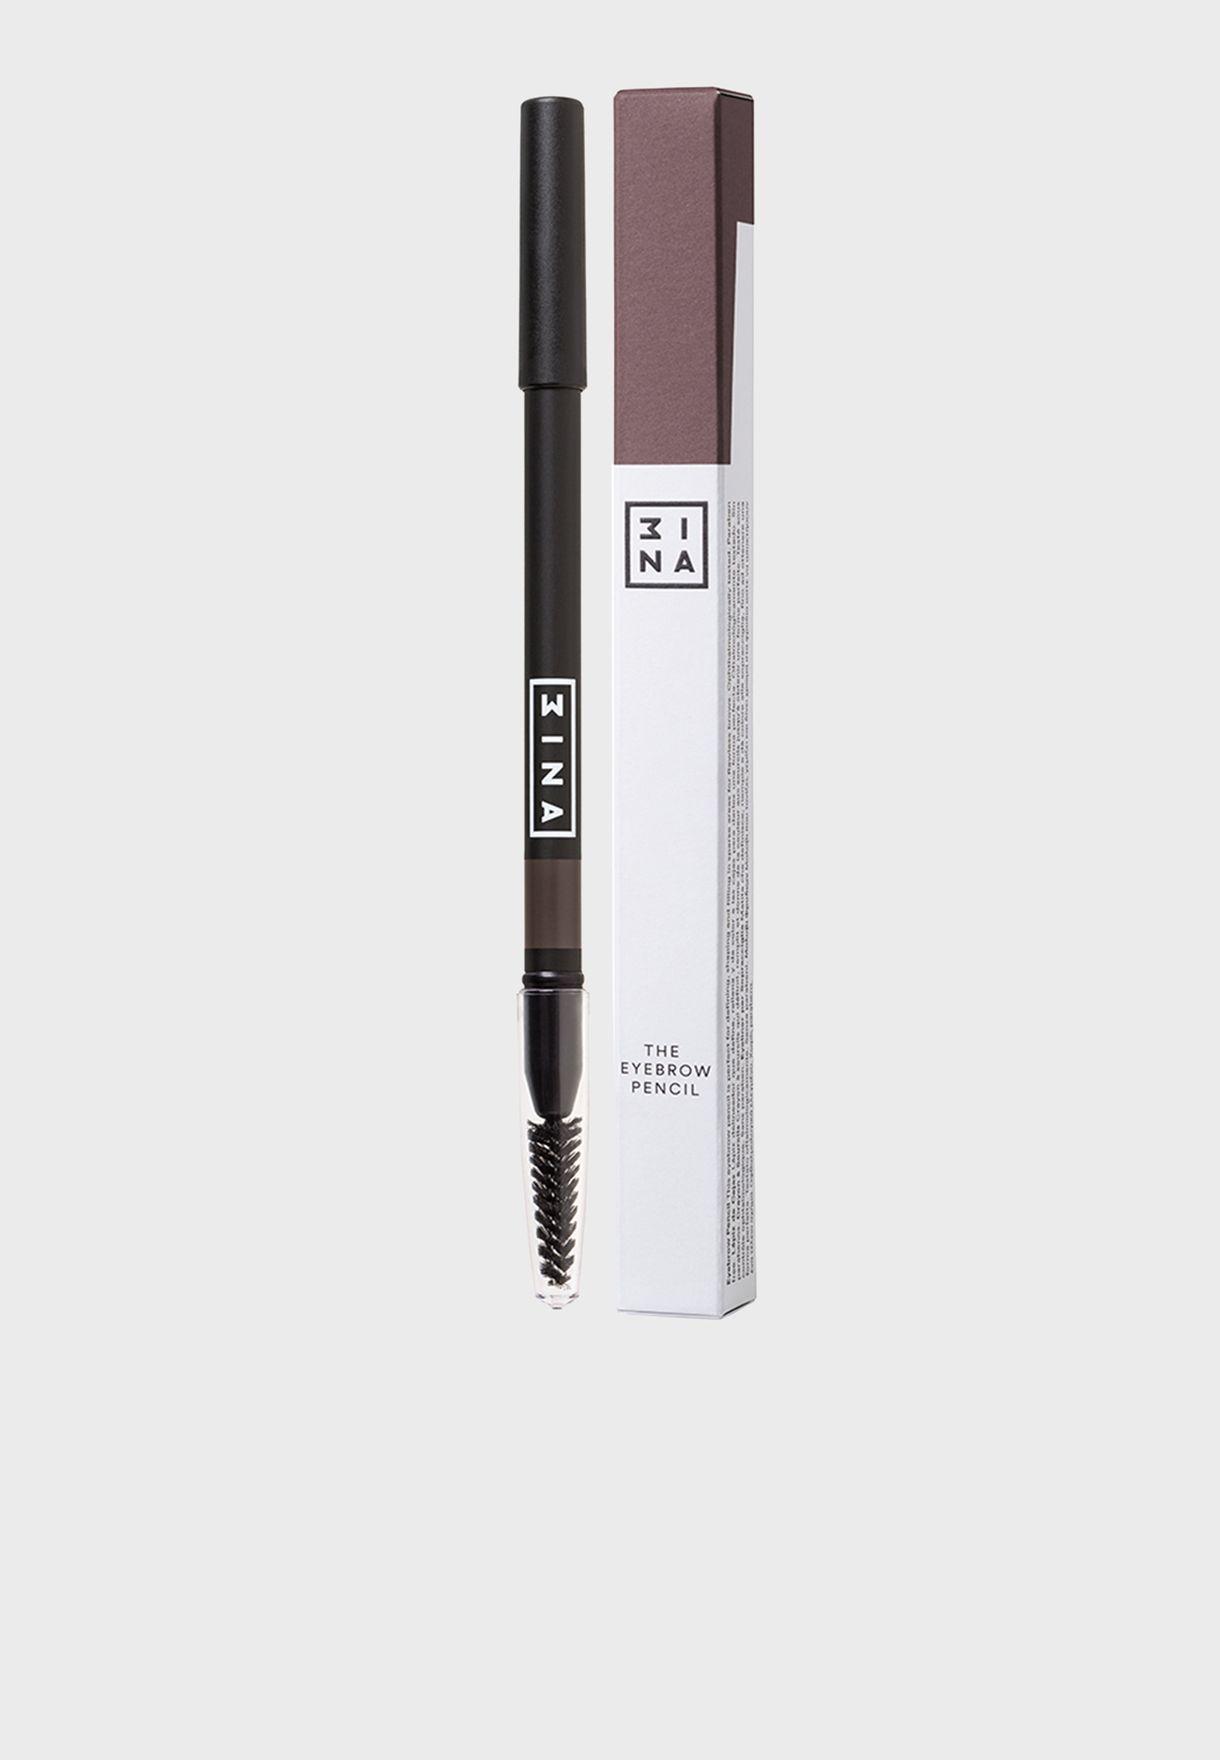 The Eyebrow Pencil 101